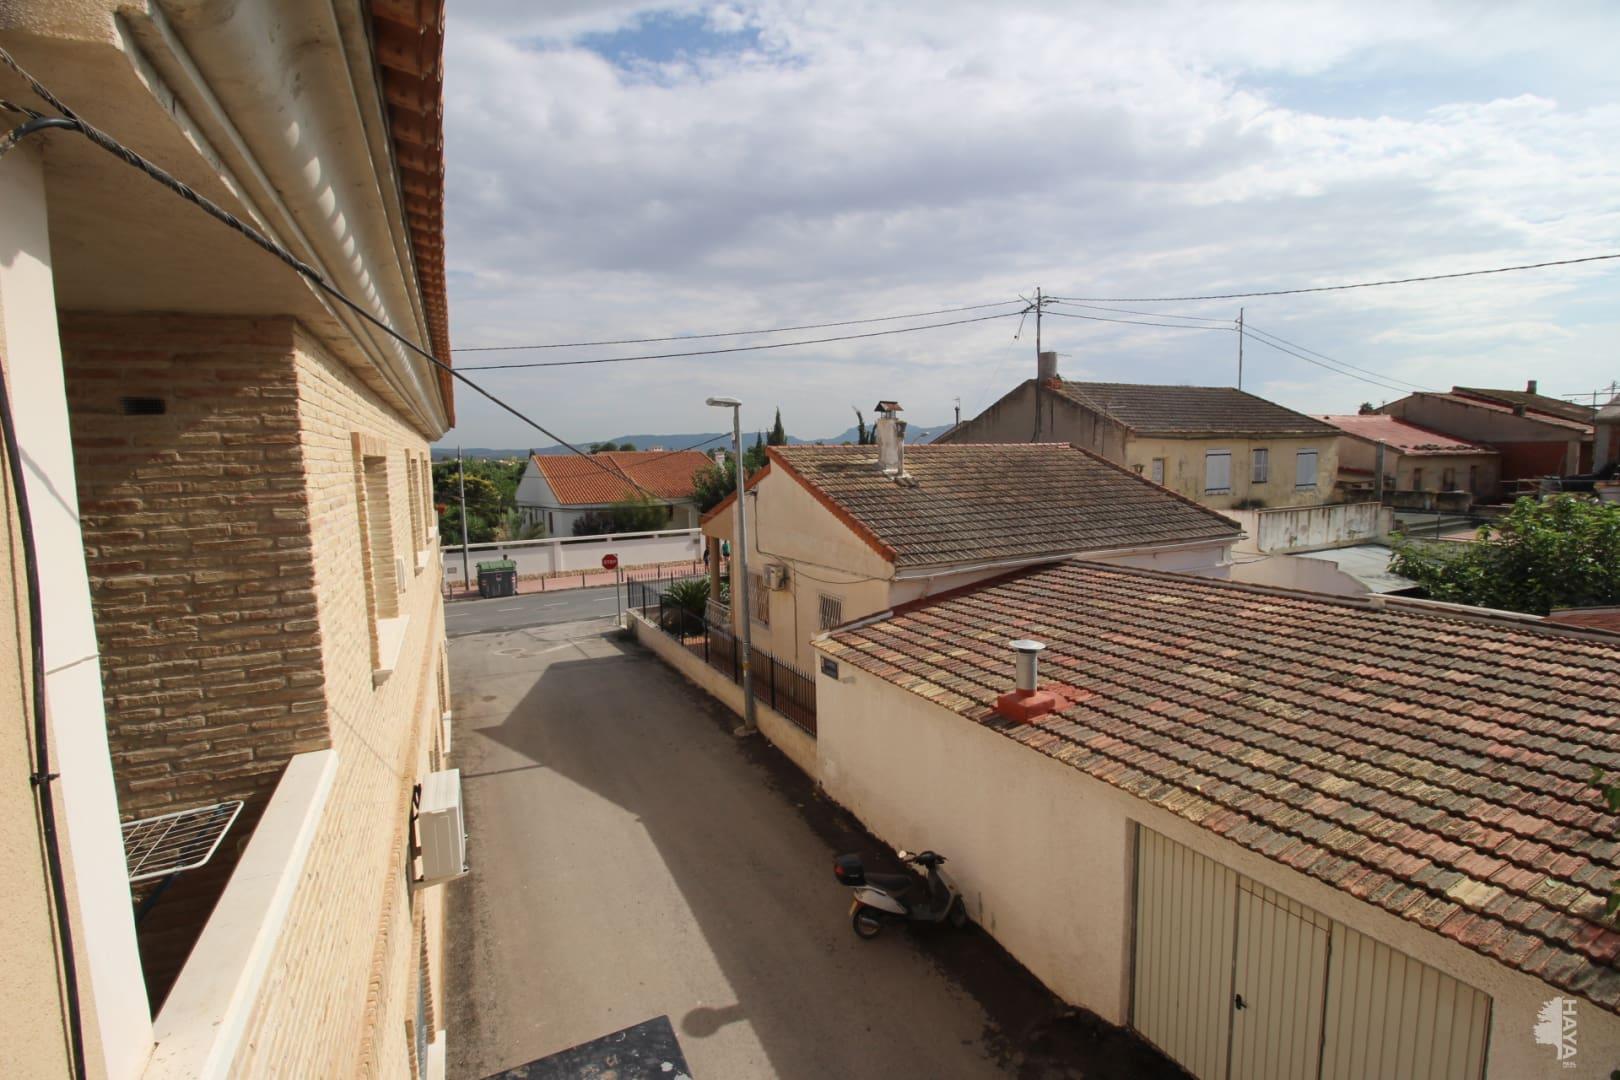 Piso en venta en Murcia, Murcia, Calle Miguel de la Nieves, 105.000 €, 4 habitaciones, 2 baños, 189 m2